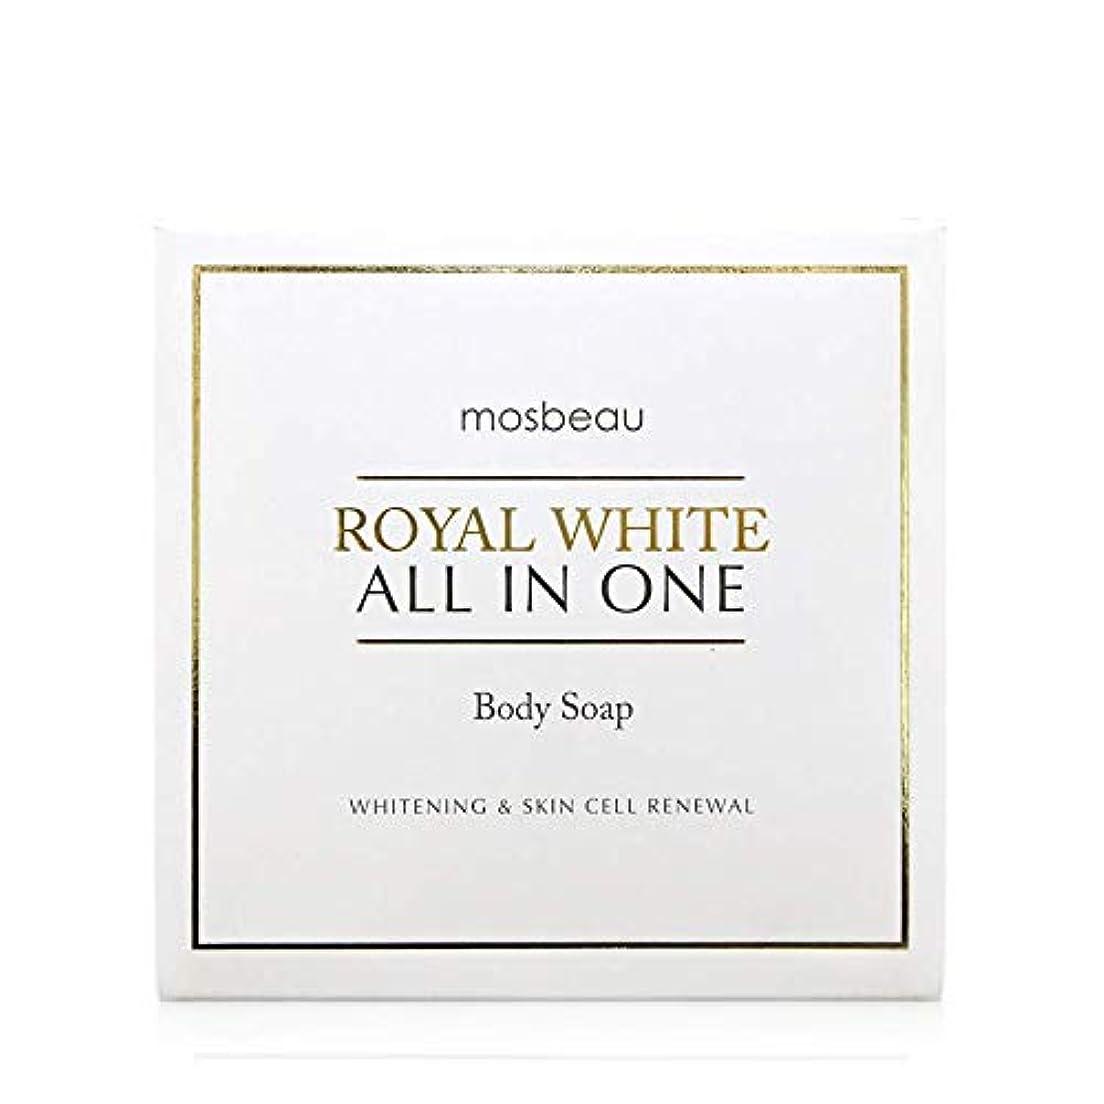 寄託想定映画mosbeau ROYAL WHITE ALL-IN-ONE BODY SOAP 100g ロィヤルホワイトオールインワンボディーソープ